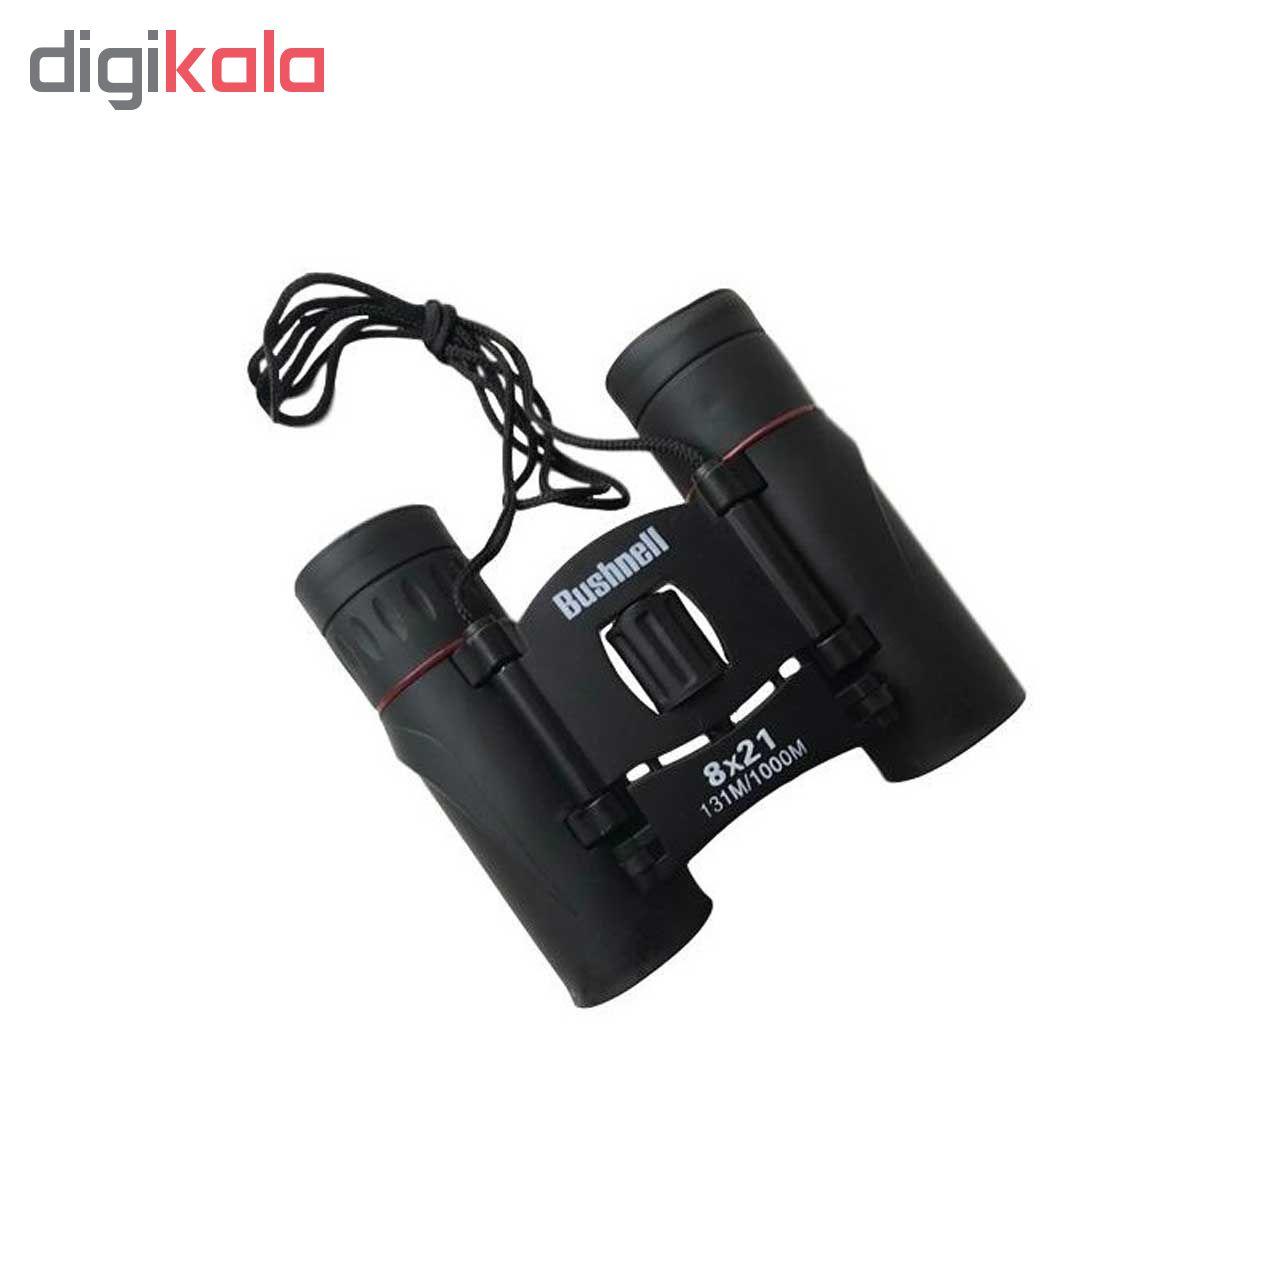 دوربین دوچشمی نل مدل C821